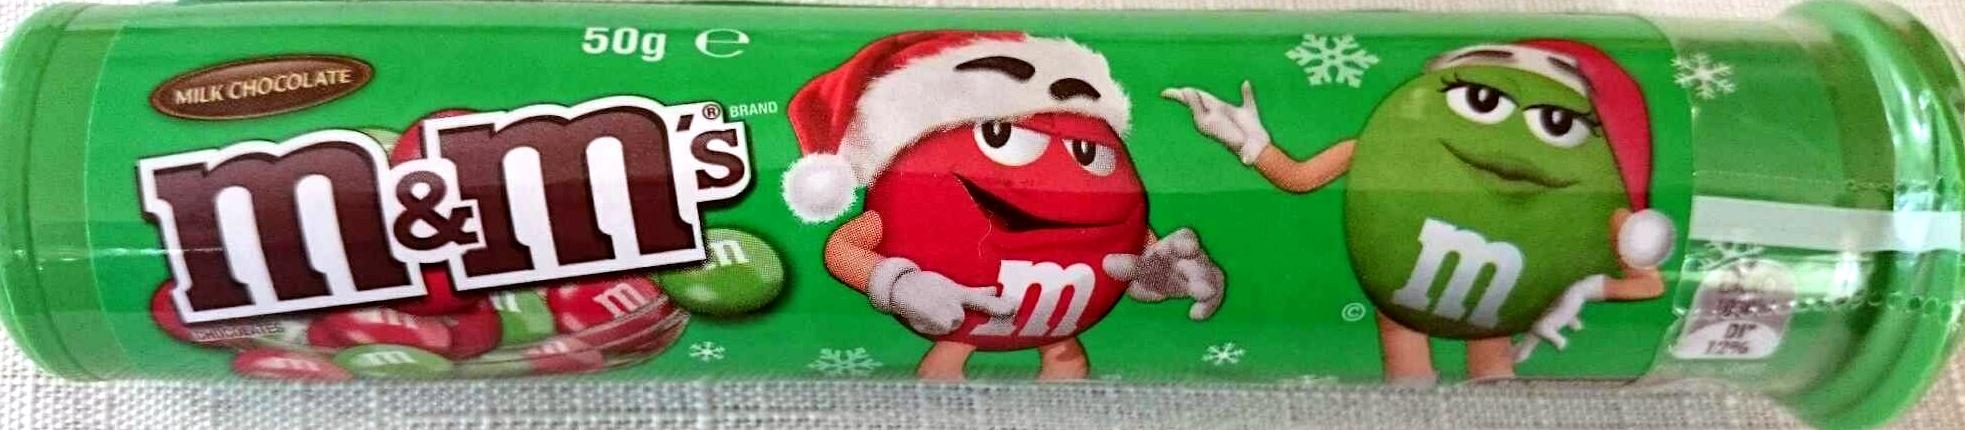 M&Ms Milk Chocolate - Product - en